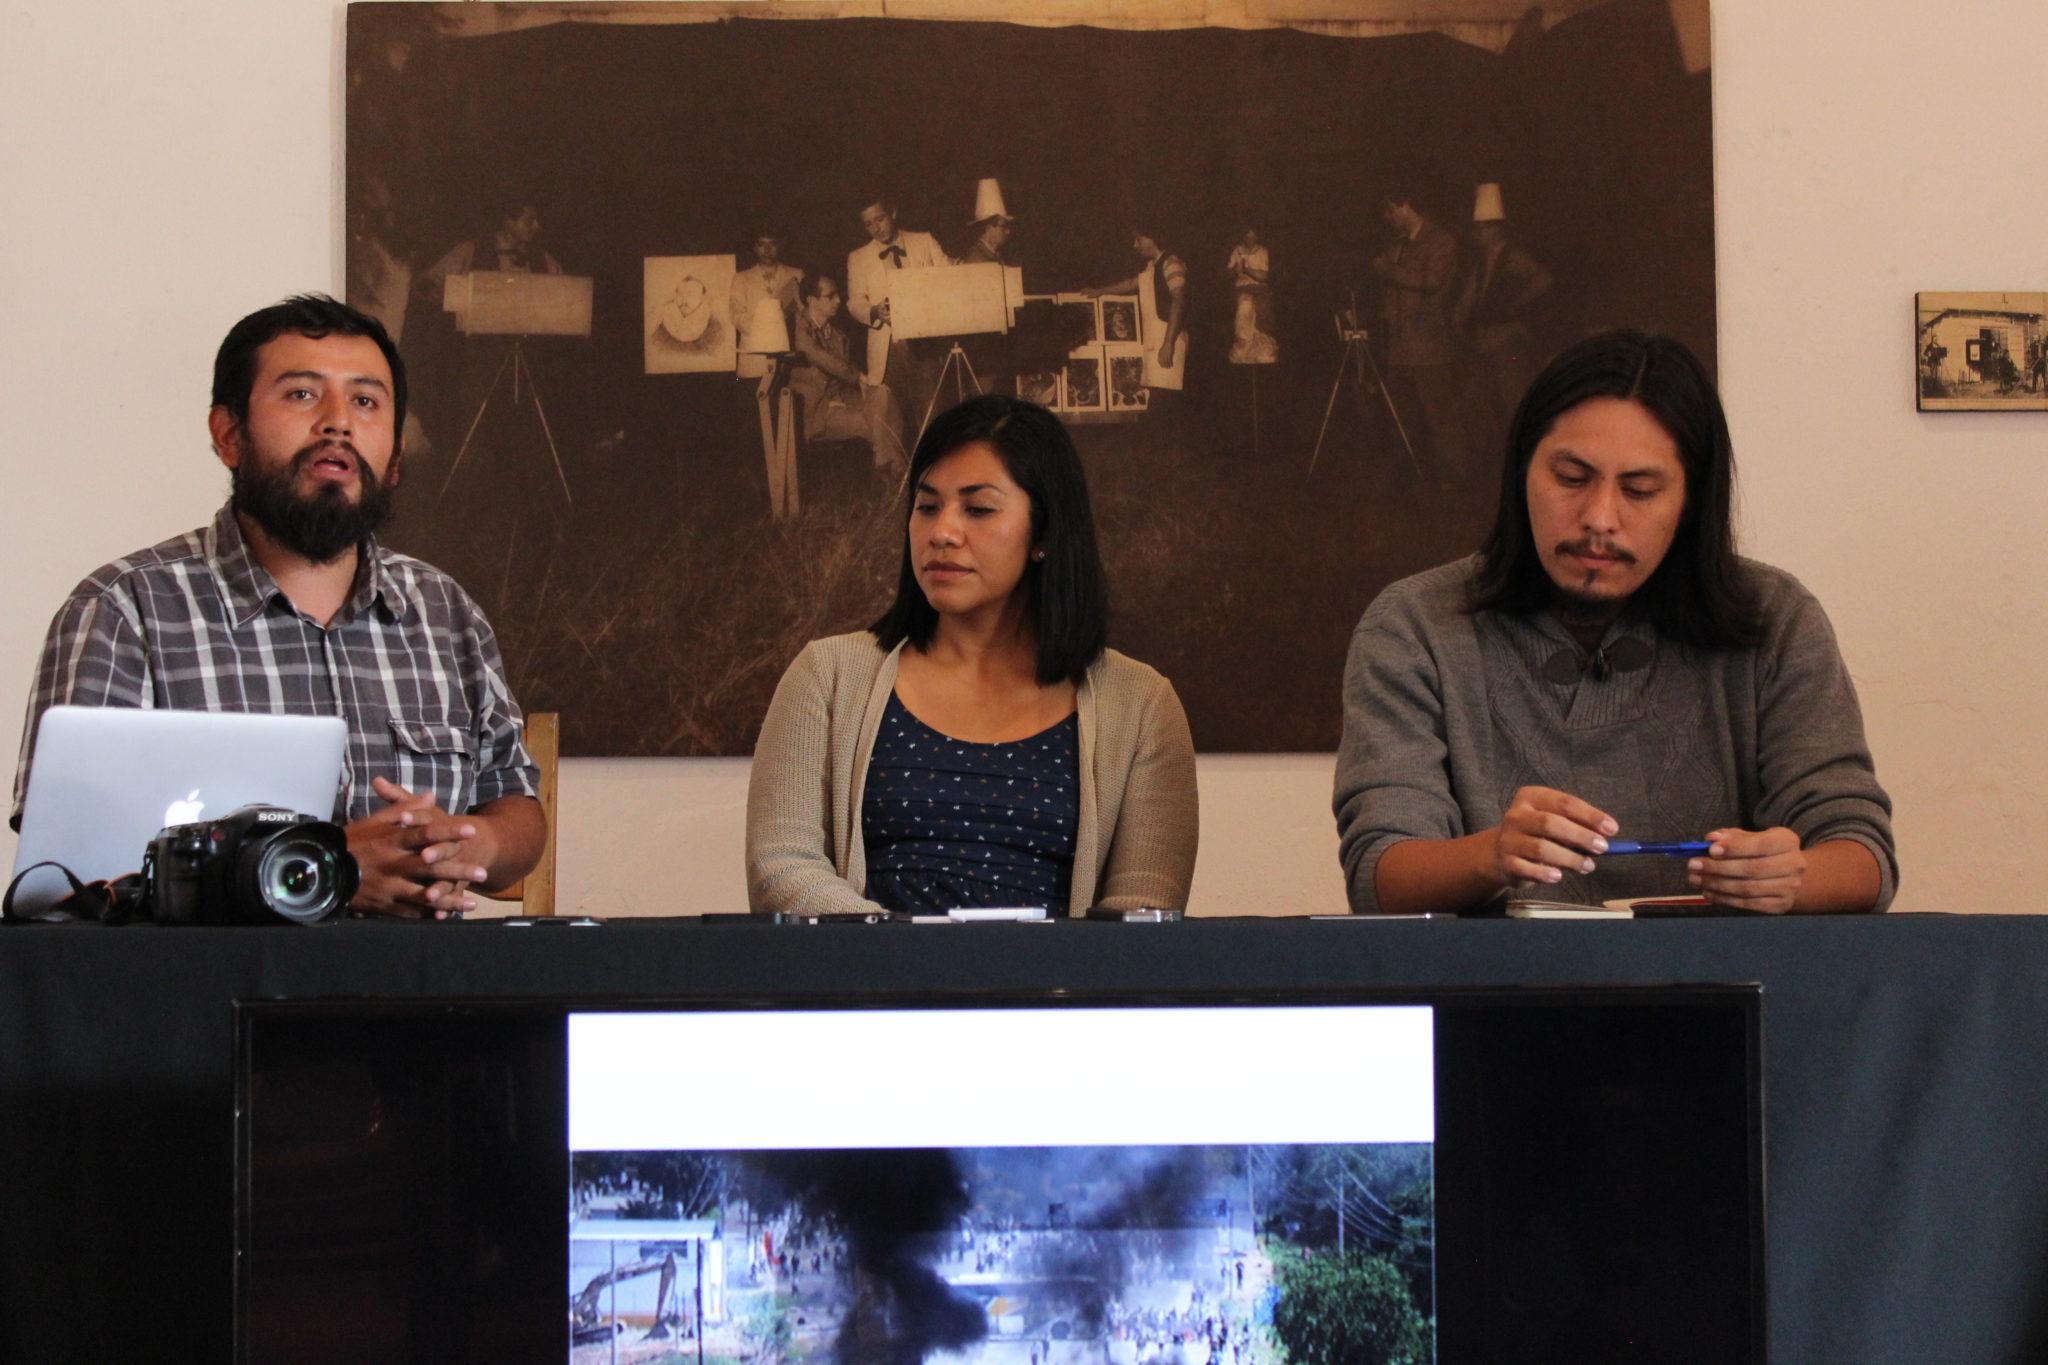 12 miradas de un conflicto, a un año de Nochixtlán y Hacienda Blanca | El Imparcial de Oaxaca